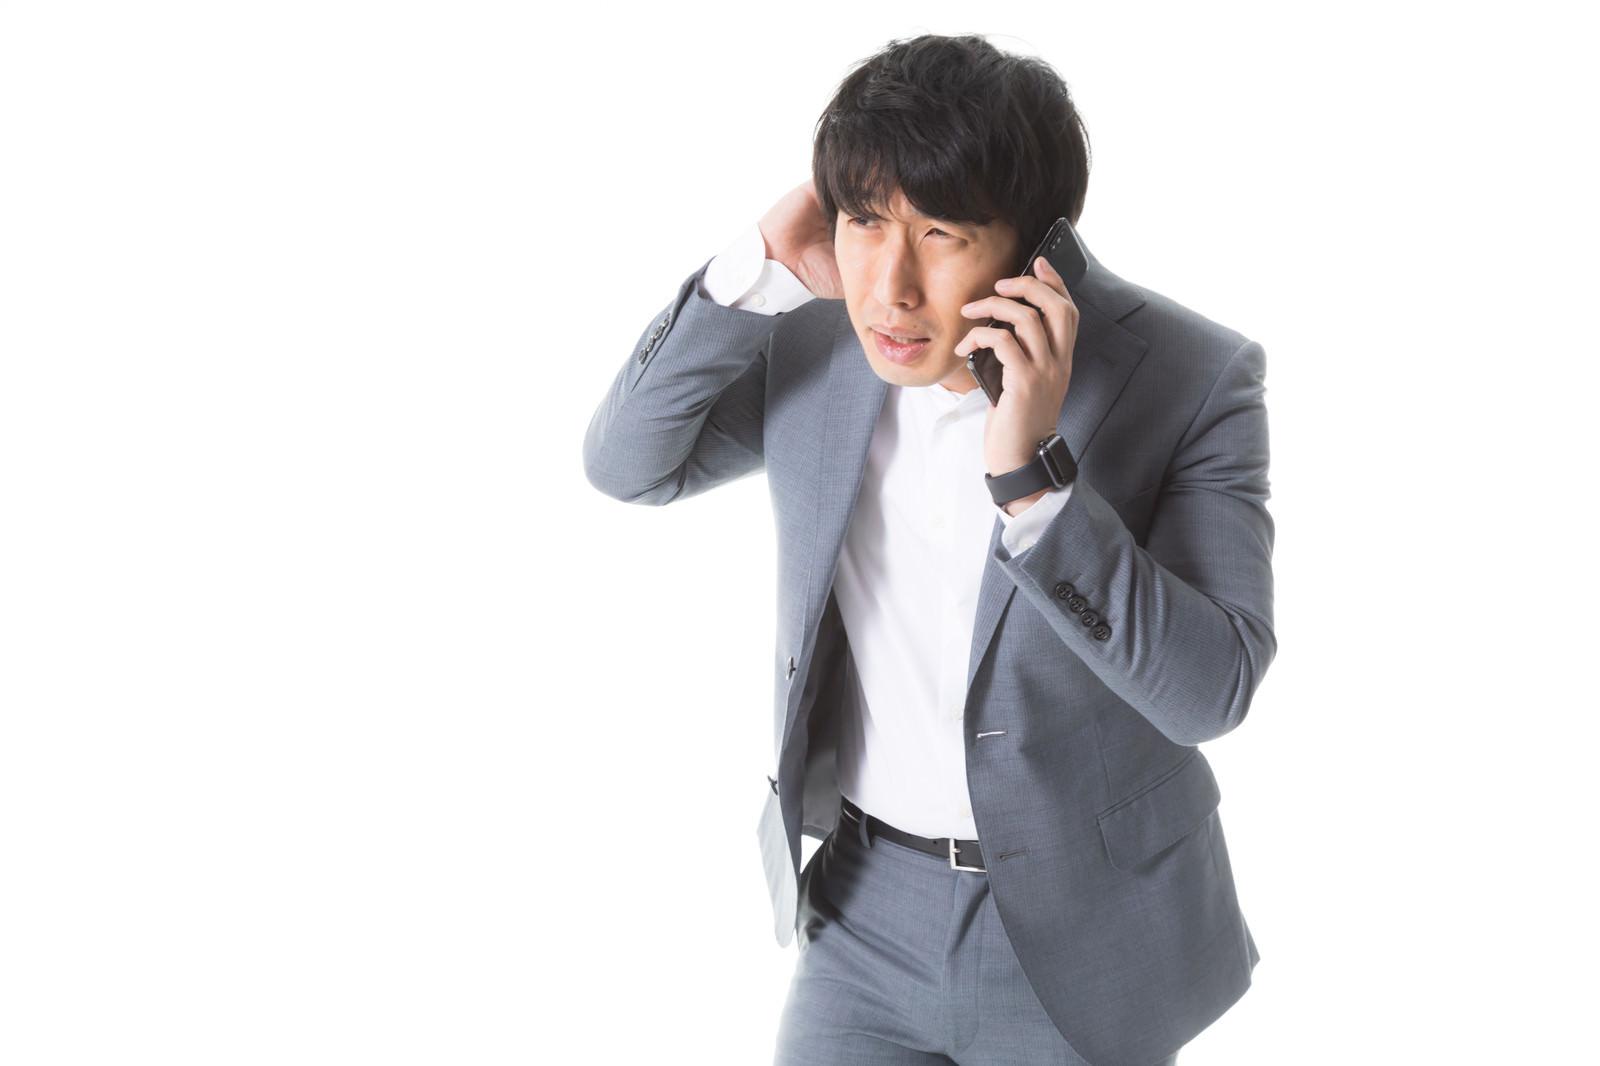 「クライアントに納期の遅れを謝罪する広告代理店社員」[モデル:大川竜弥]